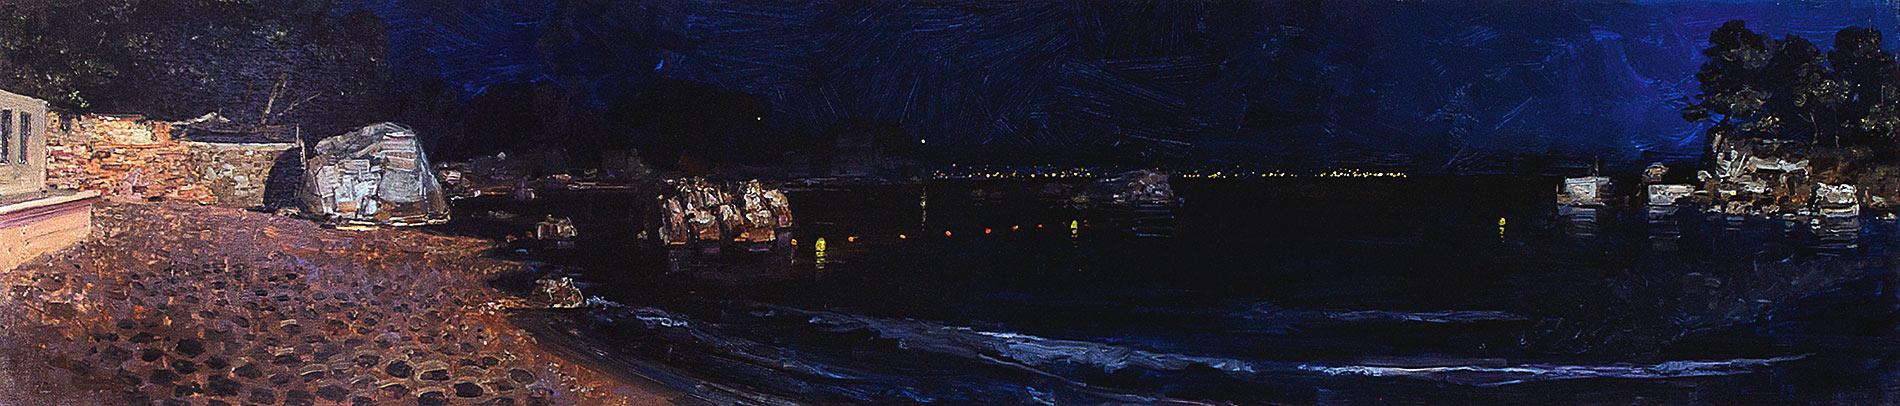 Petite plage. Huile sur toile, 37 x 170 cm, 2011